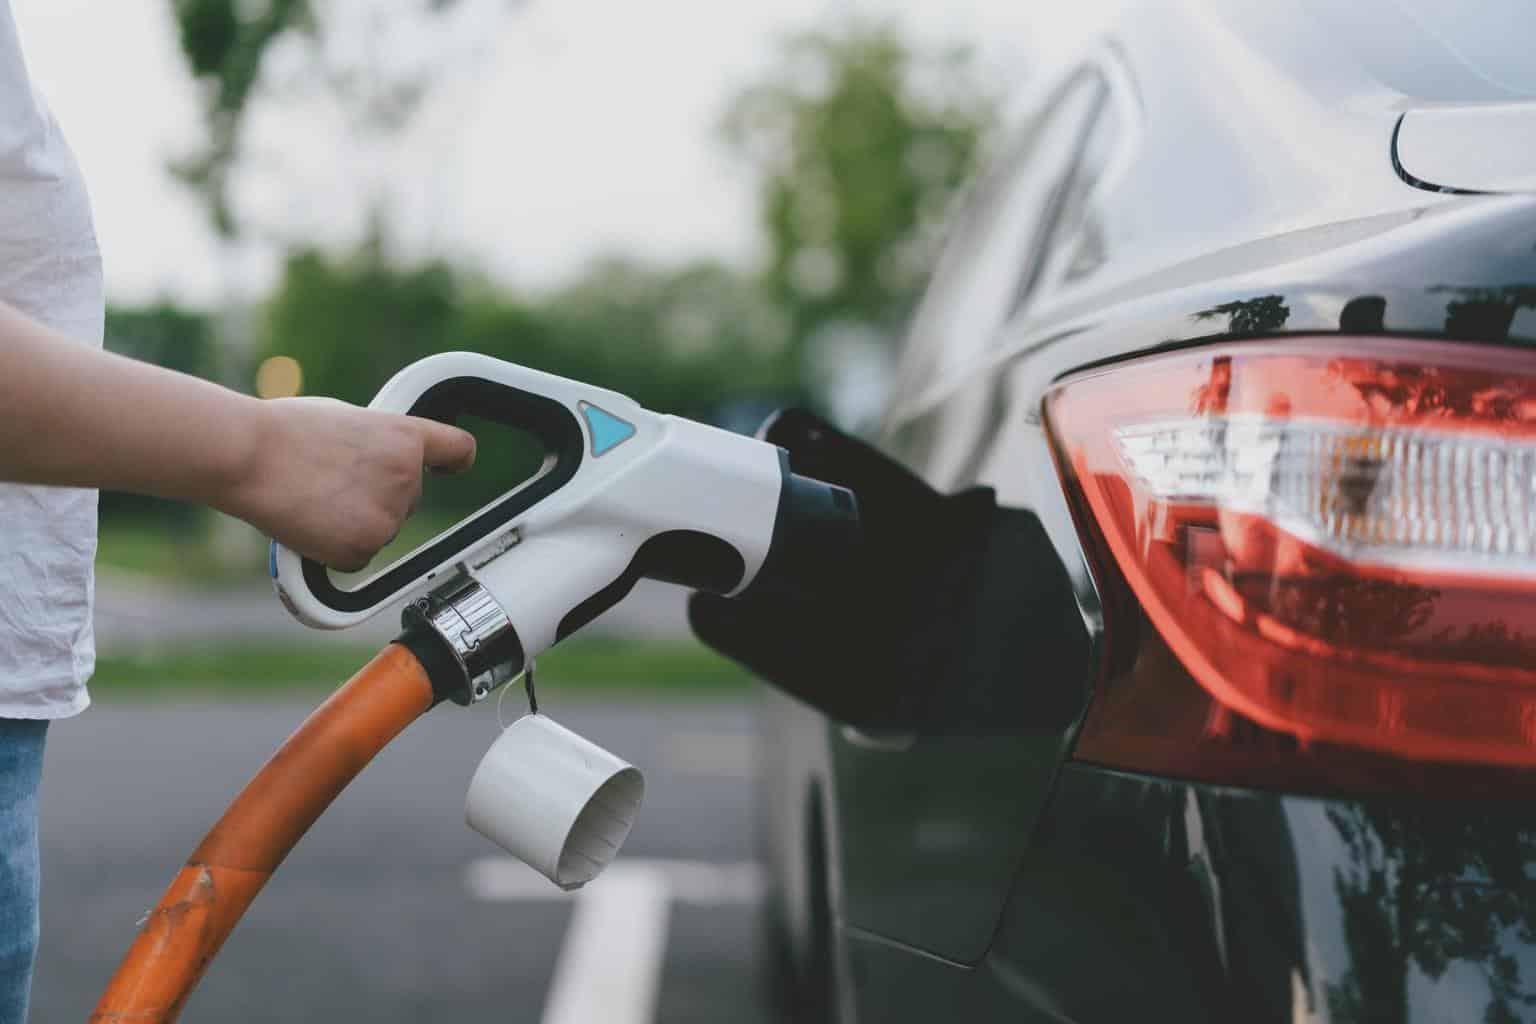 China führt neue Sicherheits-Standards für Elektrofahrzeuge und Akkus ein